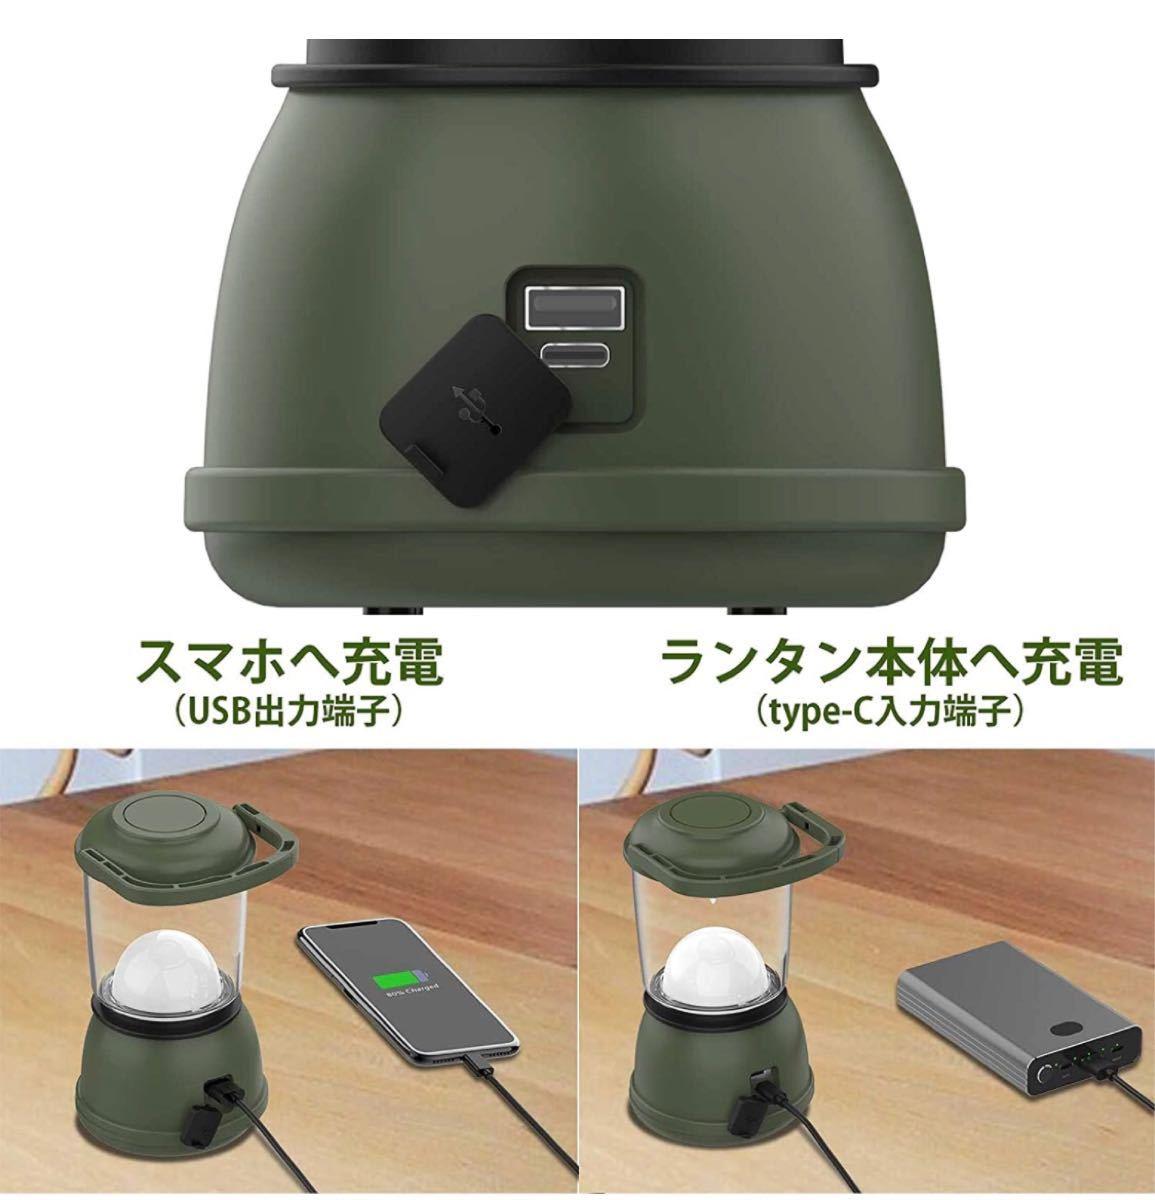 ランタン LED USB Type-C充電 キャンプ ランタン アウトドア 車中泊 非常用 防災用品 災害 停電 SOS軽量